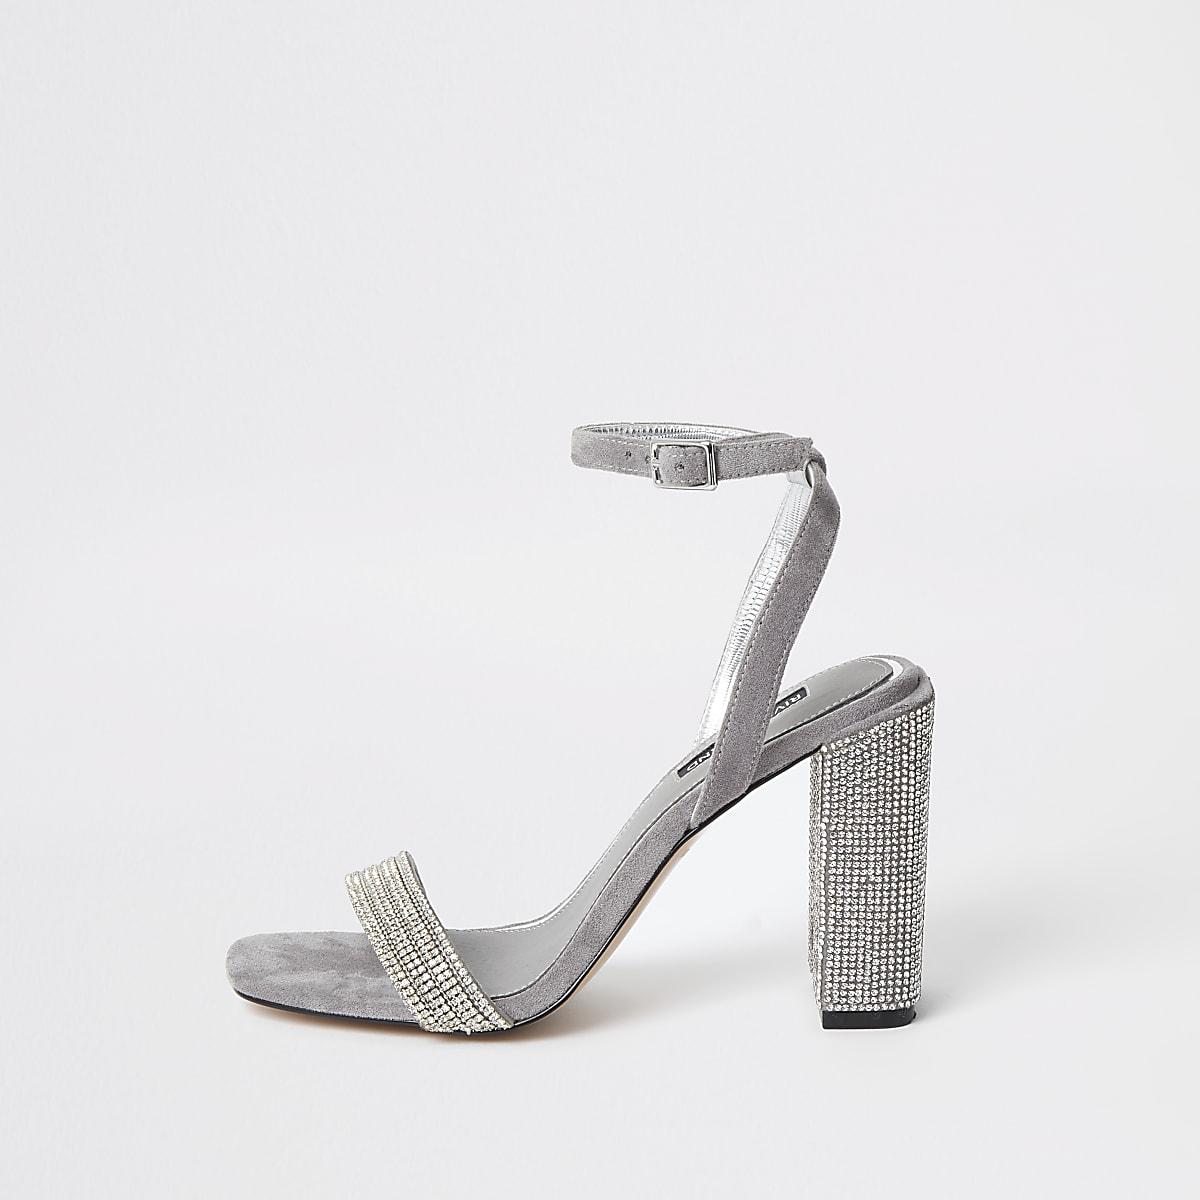 Sandales grises à talon carré ornées de strass